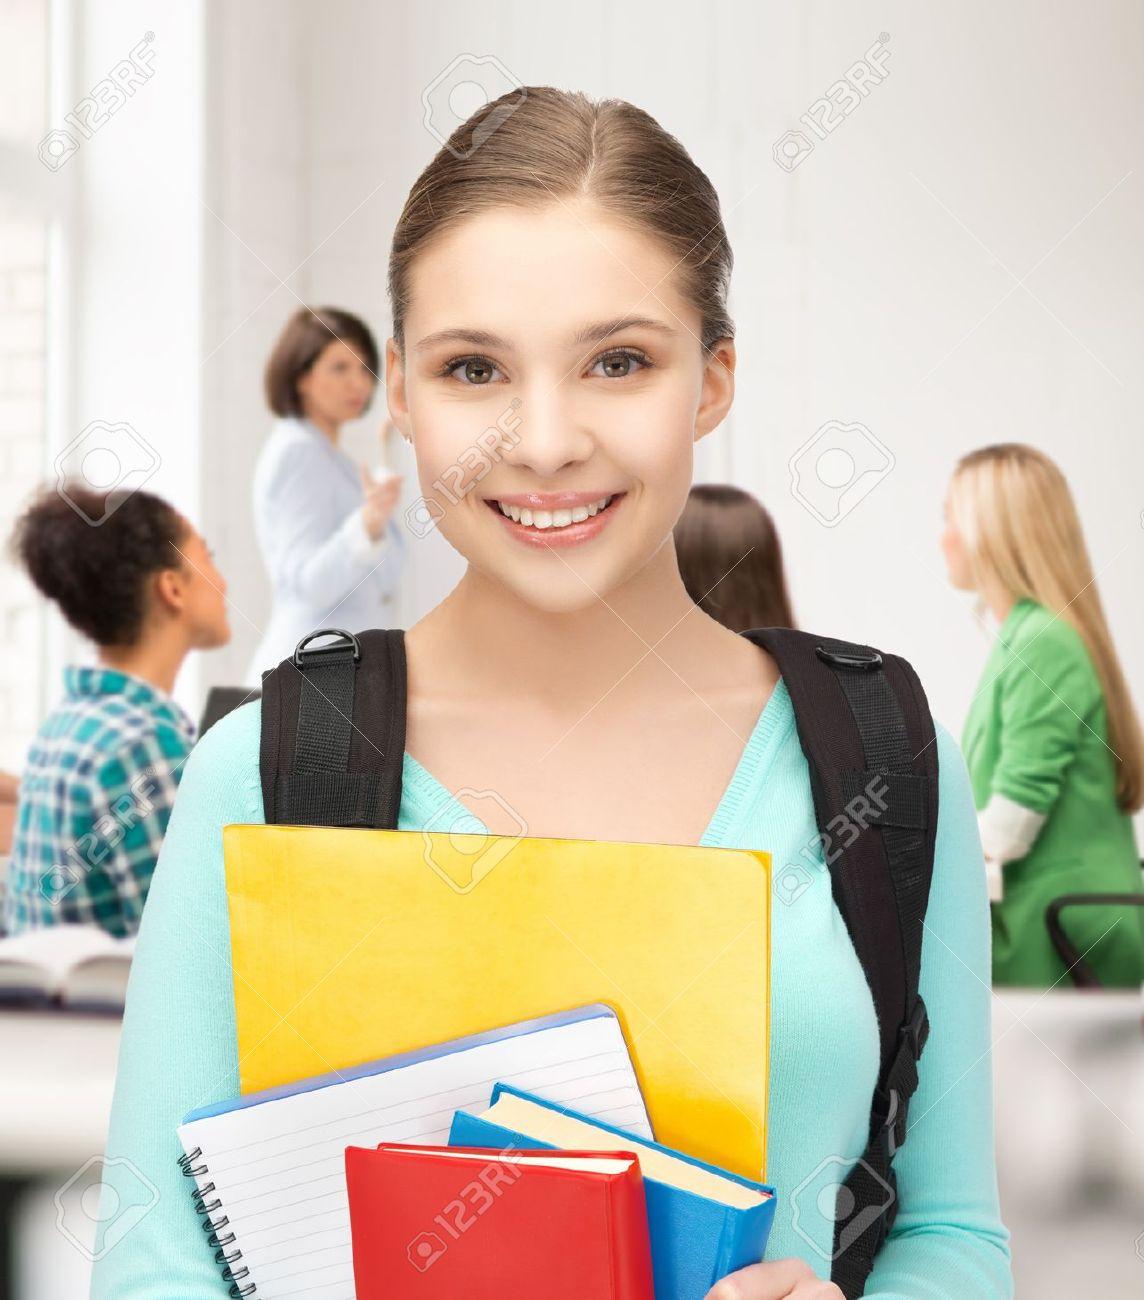 20772279-Chica-estudiante-feliz-con-mochila-y-cuadernos-en-la-escuela-Foto-de-archivo